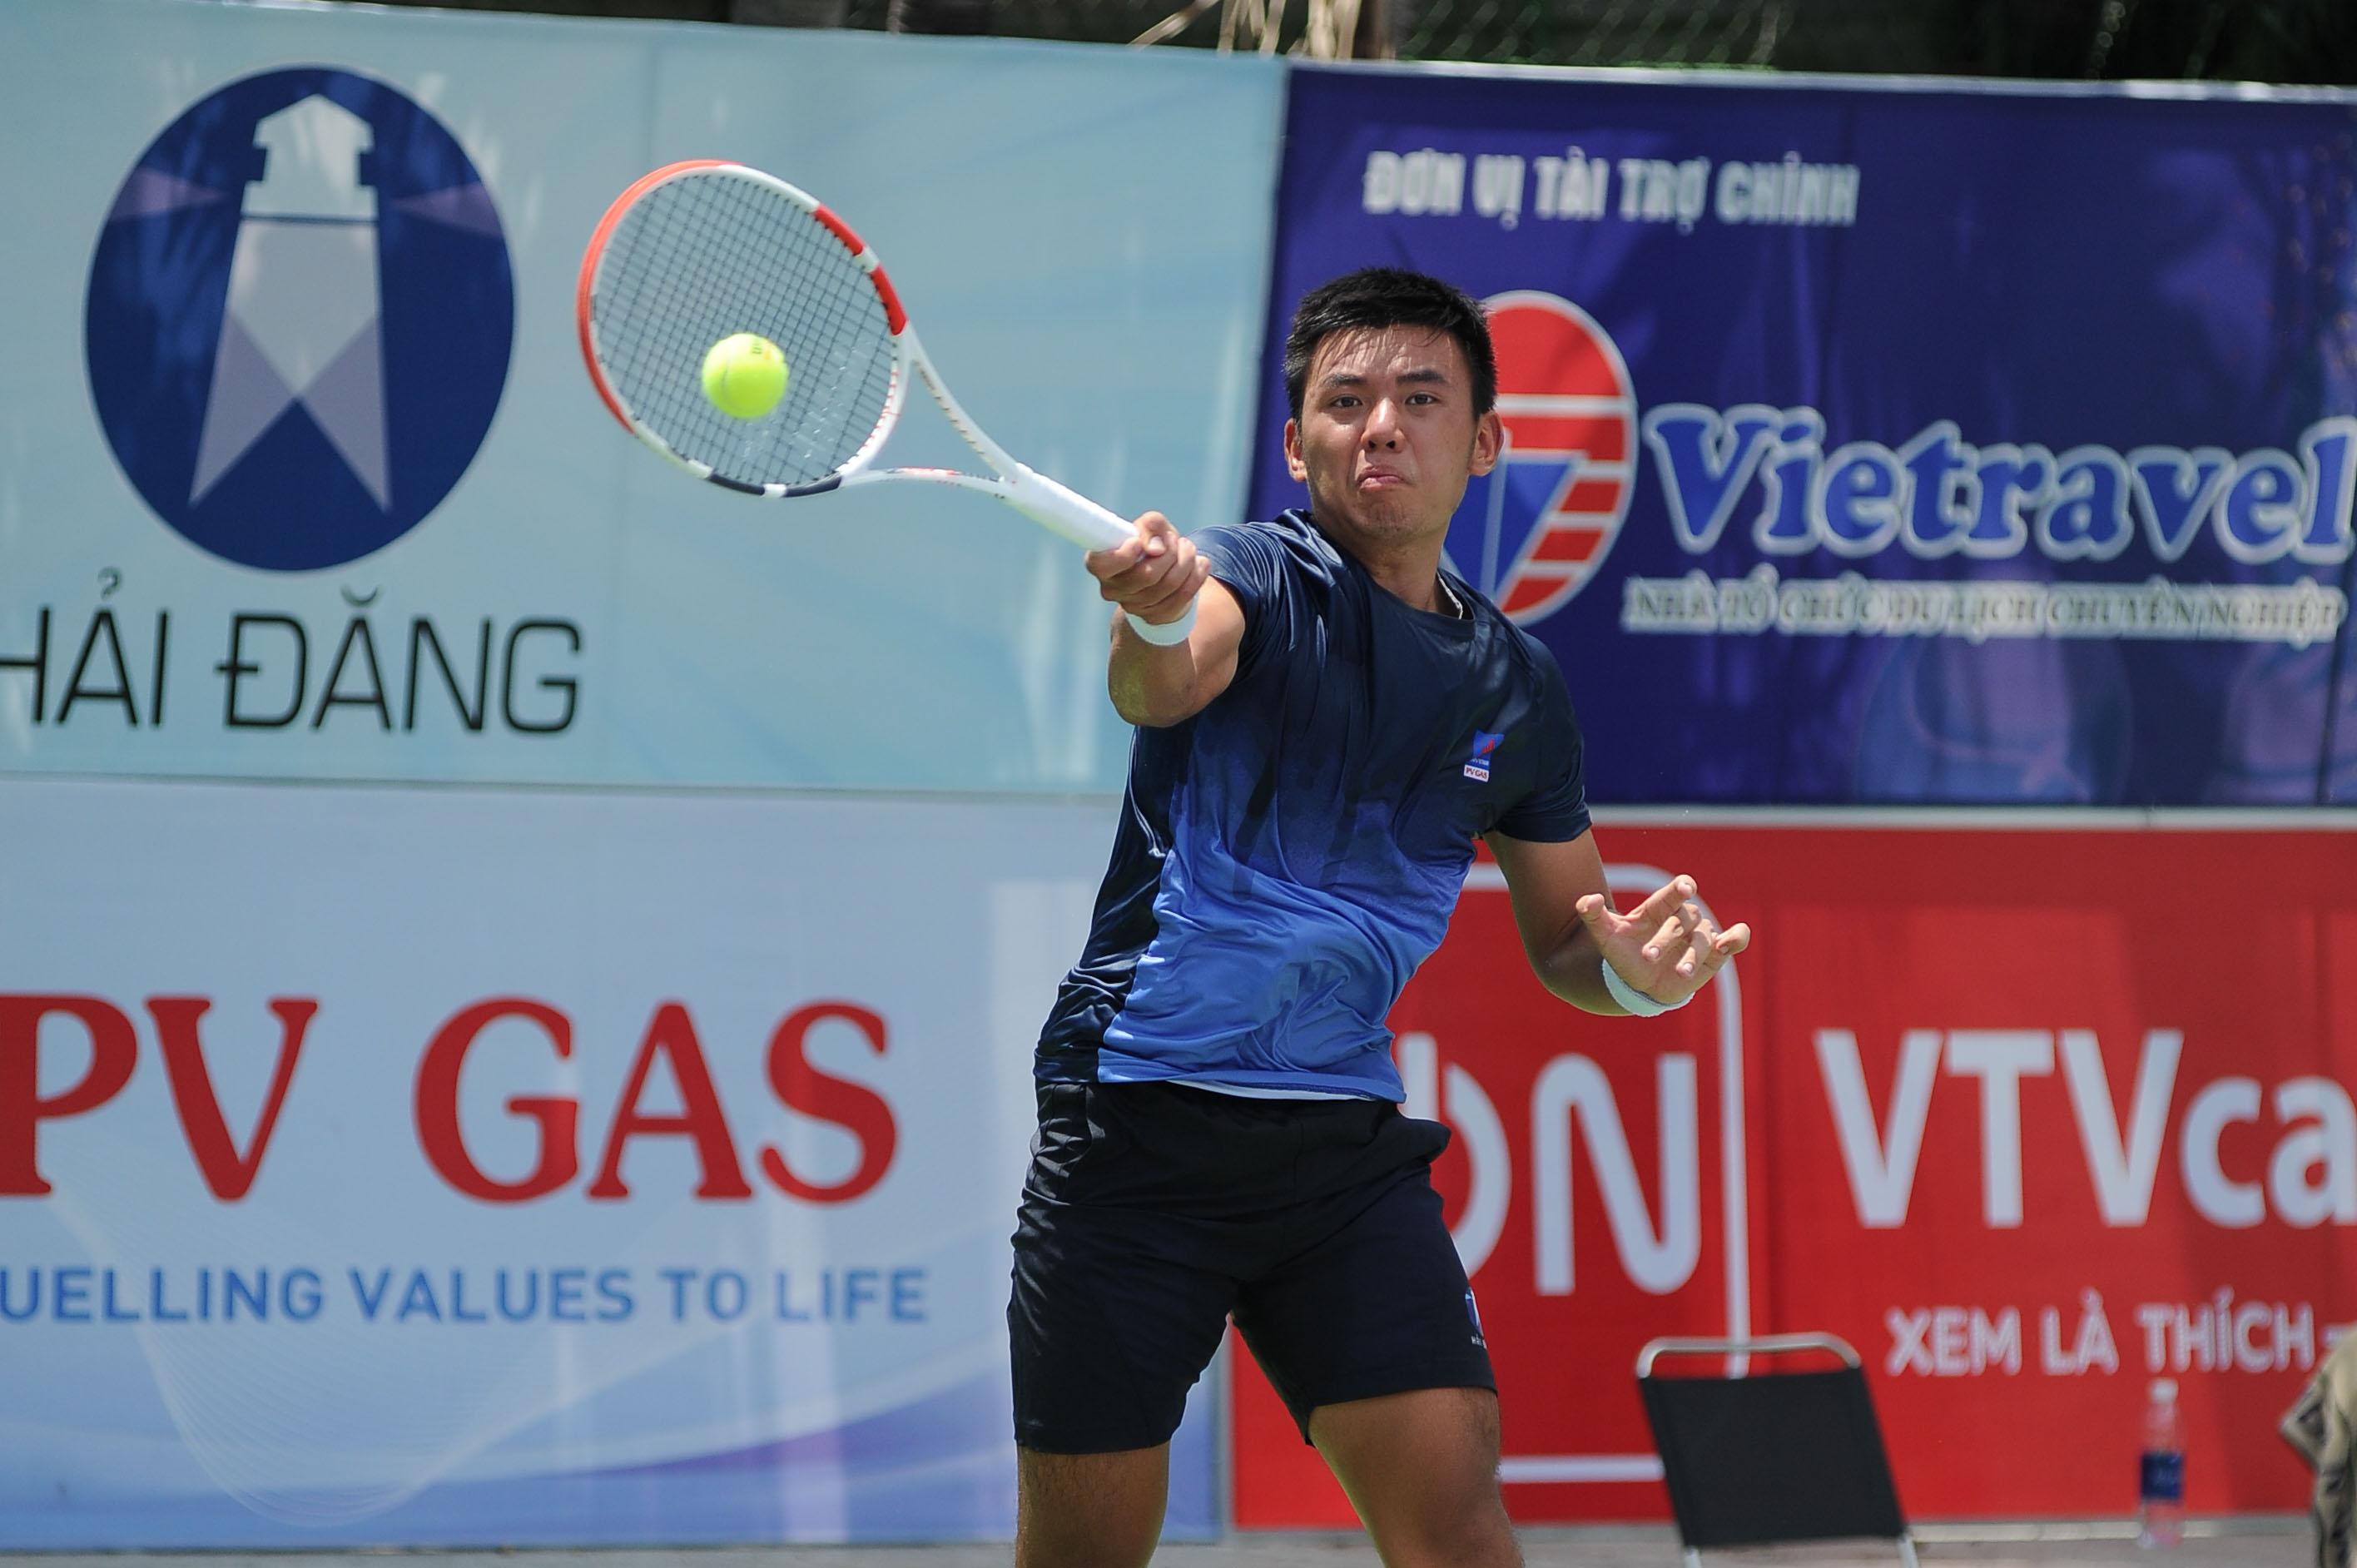 Hình ảnh: VTF Masters 500 – 1 – Hai Dang Cup 2021: Khai màn quần vợt Việt số 1